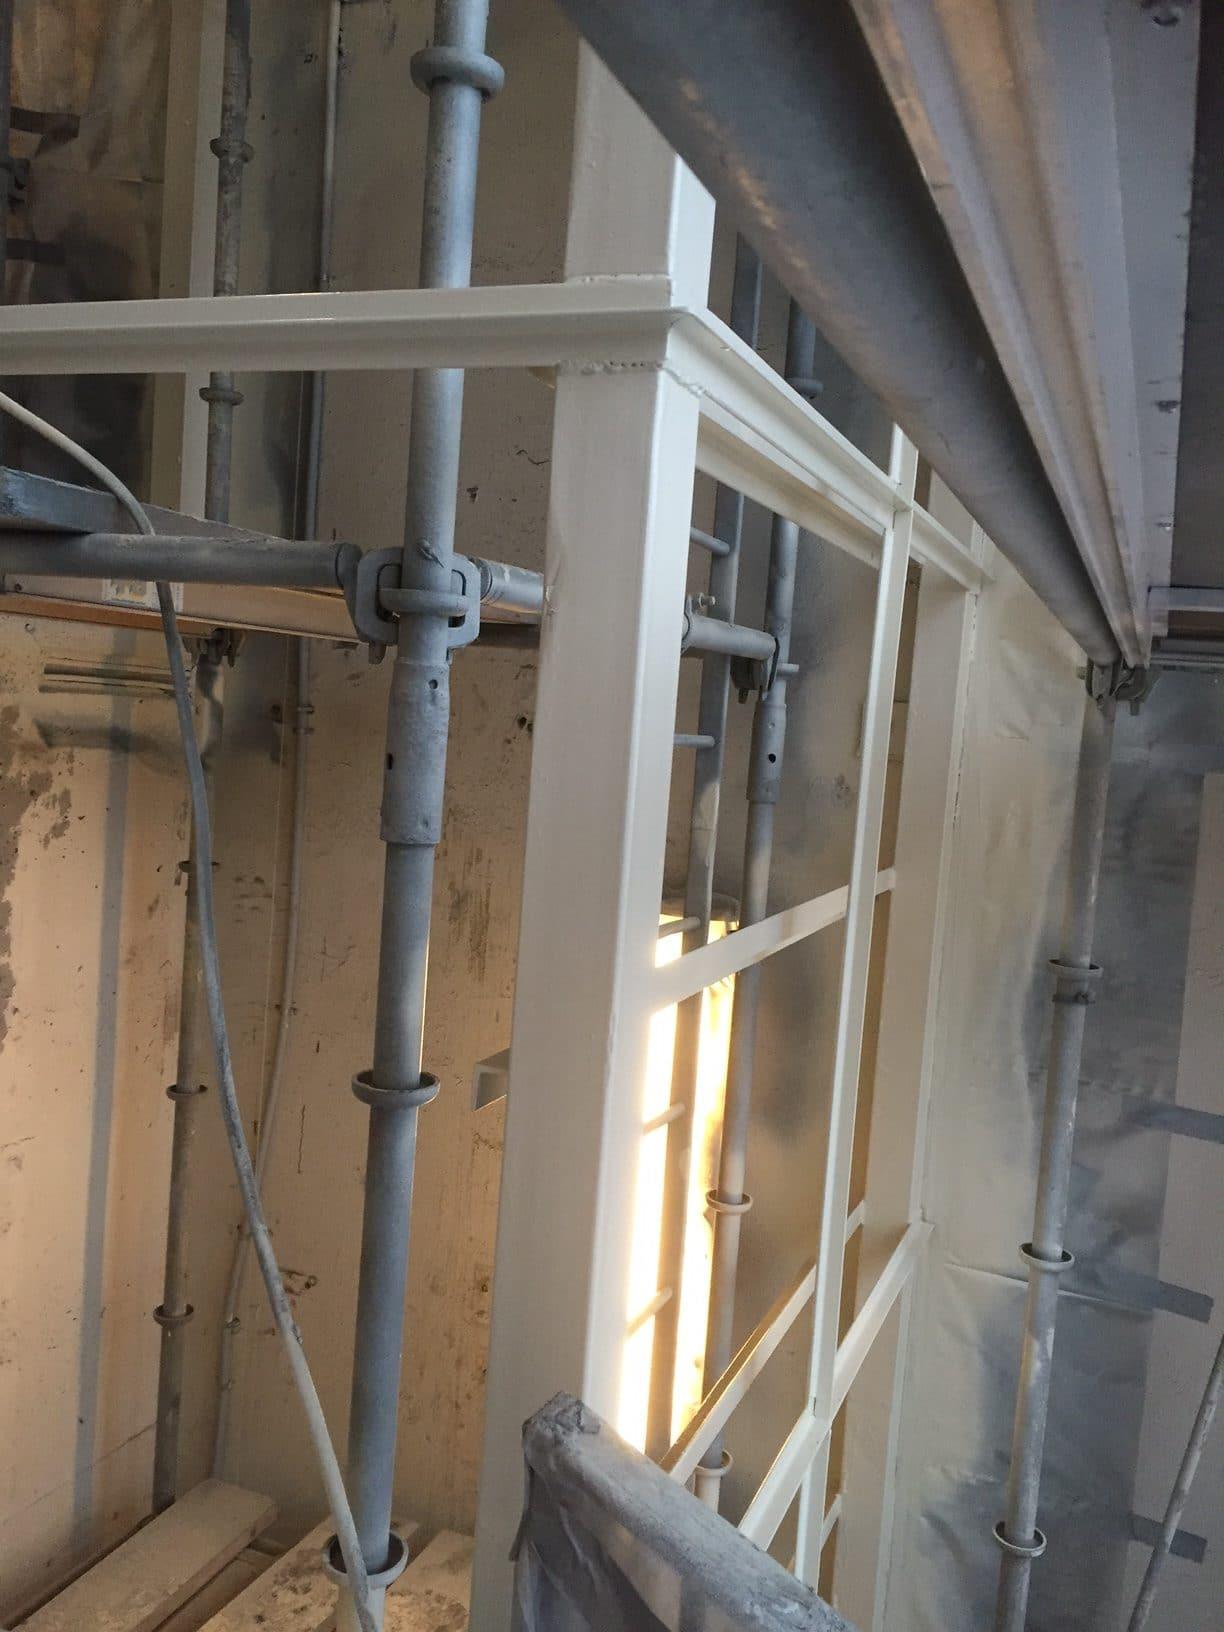 hiss sankt eriksplan vulcanusgatan allblästring blästring målning hisskonstruktion trafikkontoret 07